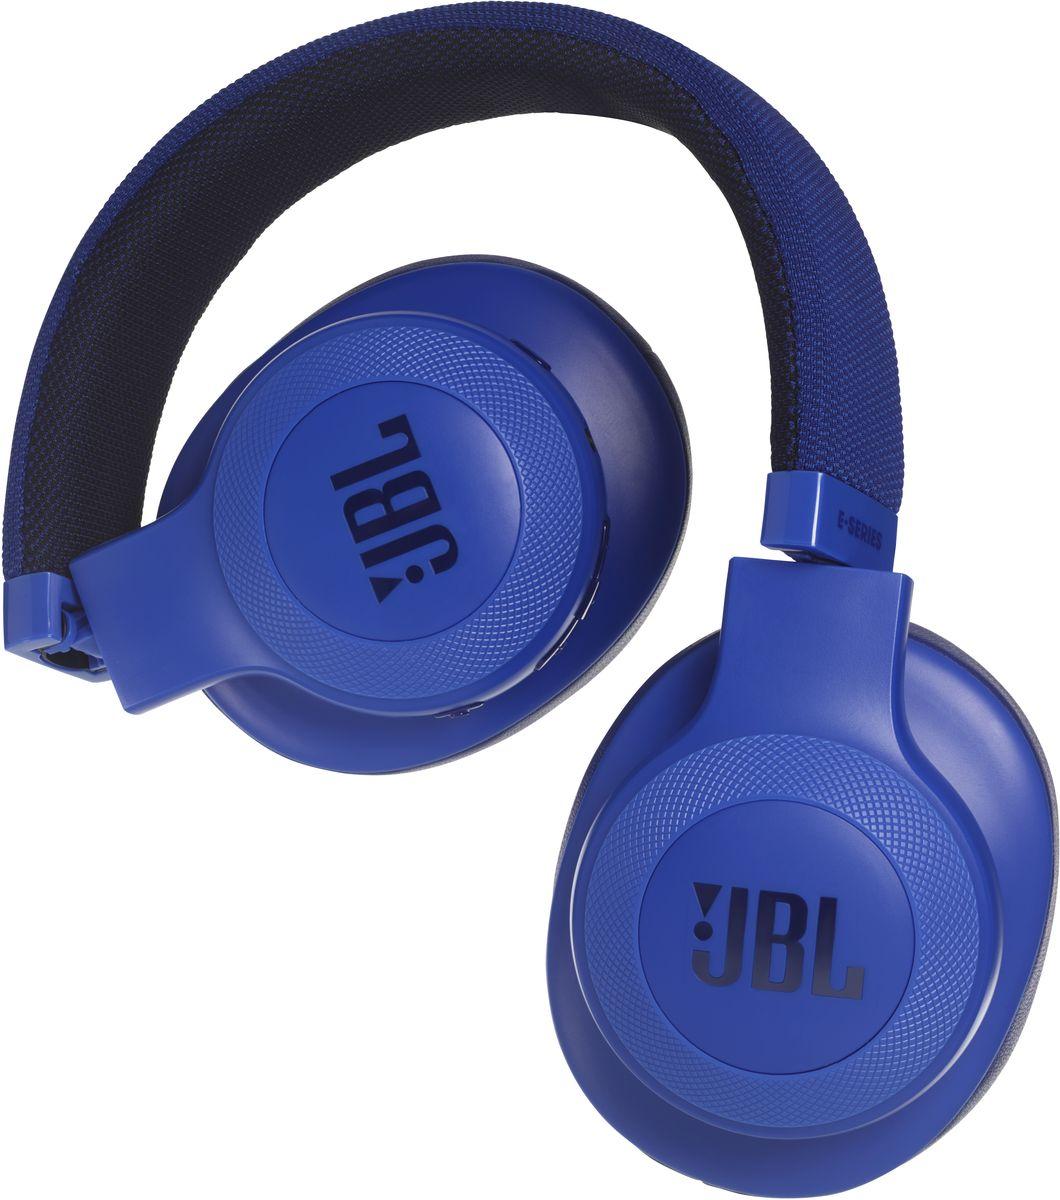 JBL E55BT, Blue беспроводные наушникиJBLE55BTBLUБеспроводные накладные наушники JBL E55BT доставят легендарный звук JBL прямо вам в уши. E55BT - одна из наиболее универсальных моделей, отличающаяся длительной работой от аккумулятора (до 20 часов) и инновационным, стильным оголовьем с тканевой отделкой, подчеркивающим ваш модный образ. Эргономичный накладной дизайн означает, что вы можете не расставаться с любимой музыкой и получать дополнительное удовольствие, где бы вы ни были - на работе, в транспорте или просто в городе. Подключение к нескольким устройствам позволяет с легкостью переключаться между двумя устройствами, поэтому вы никогда не пропустите звонок. Благодаря элегантному внешнему виду, различным цветовым решениям и дополнительному удобству съемного кабеля с пультом управления и микрофоном вам никогда не захочется расставаться с наушниками E55BT.